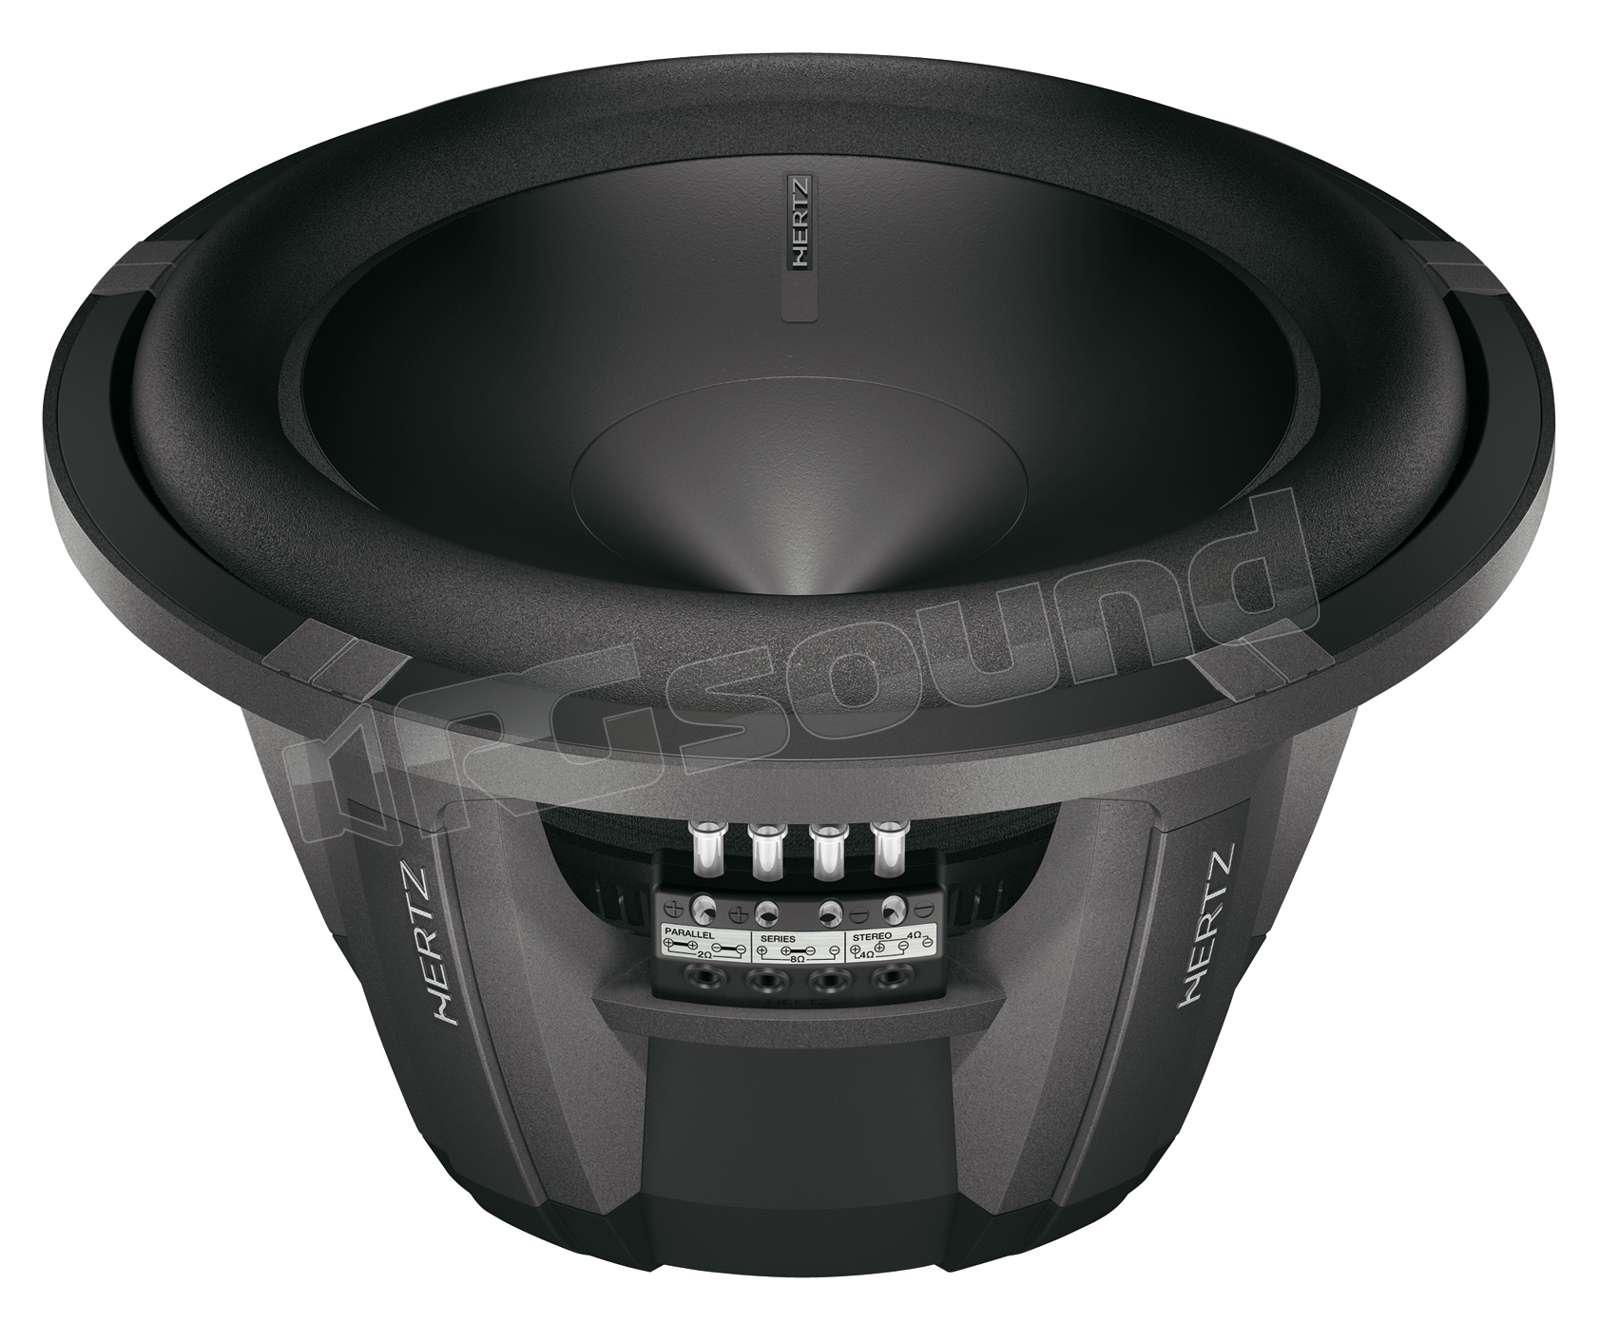 hertz hx 300 d 5 subwoofer subwoofer rg sound store. Black Bedroom Furniture Sets. Home Design Ideas